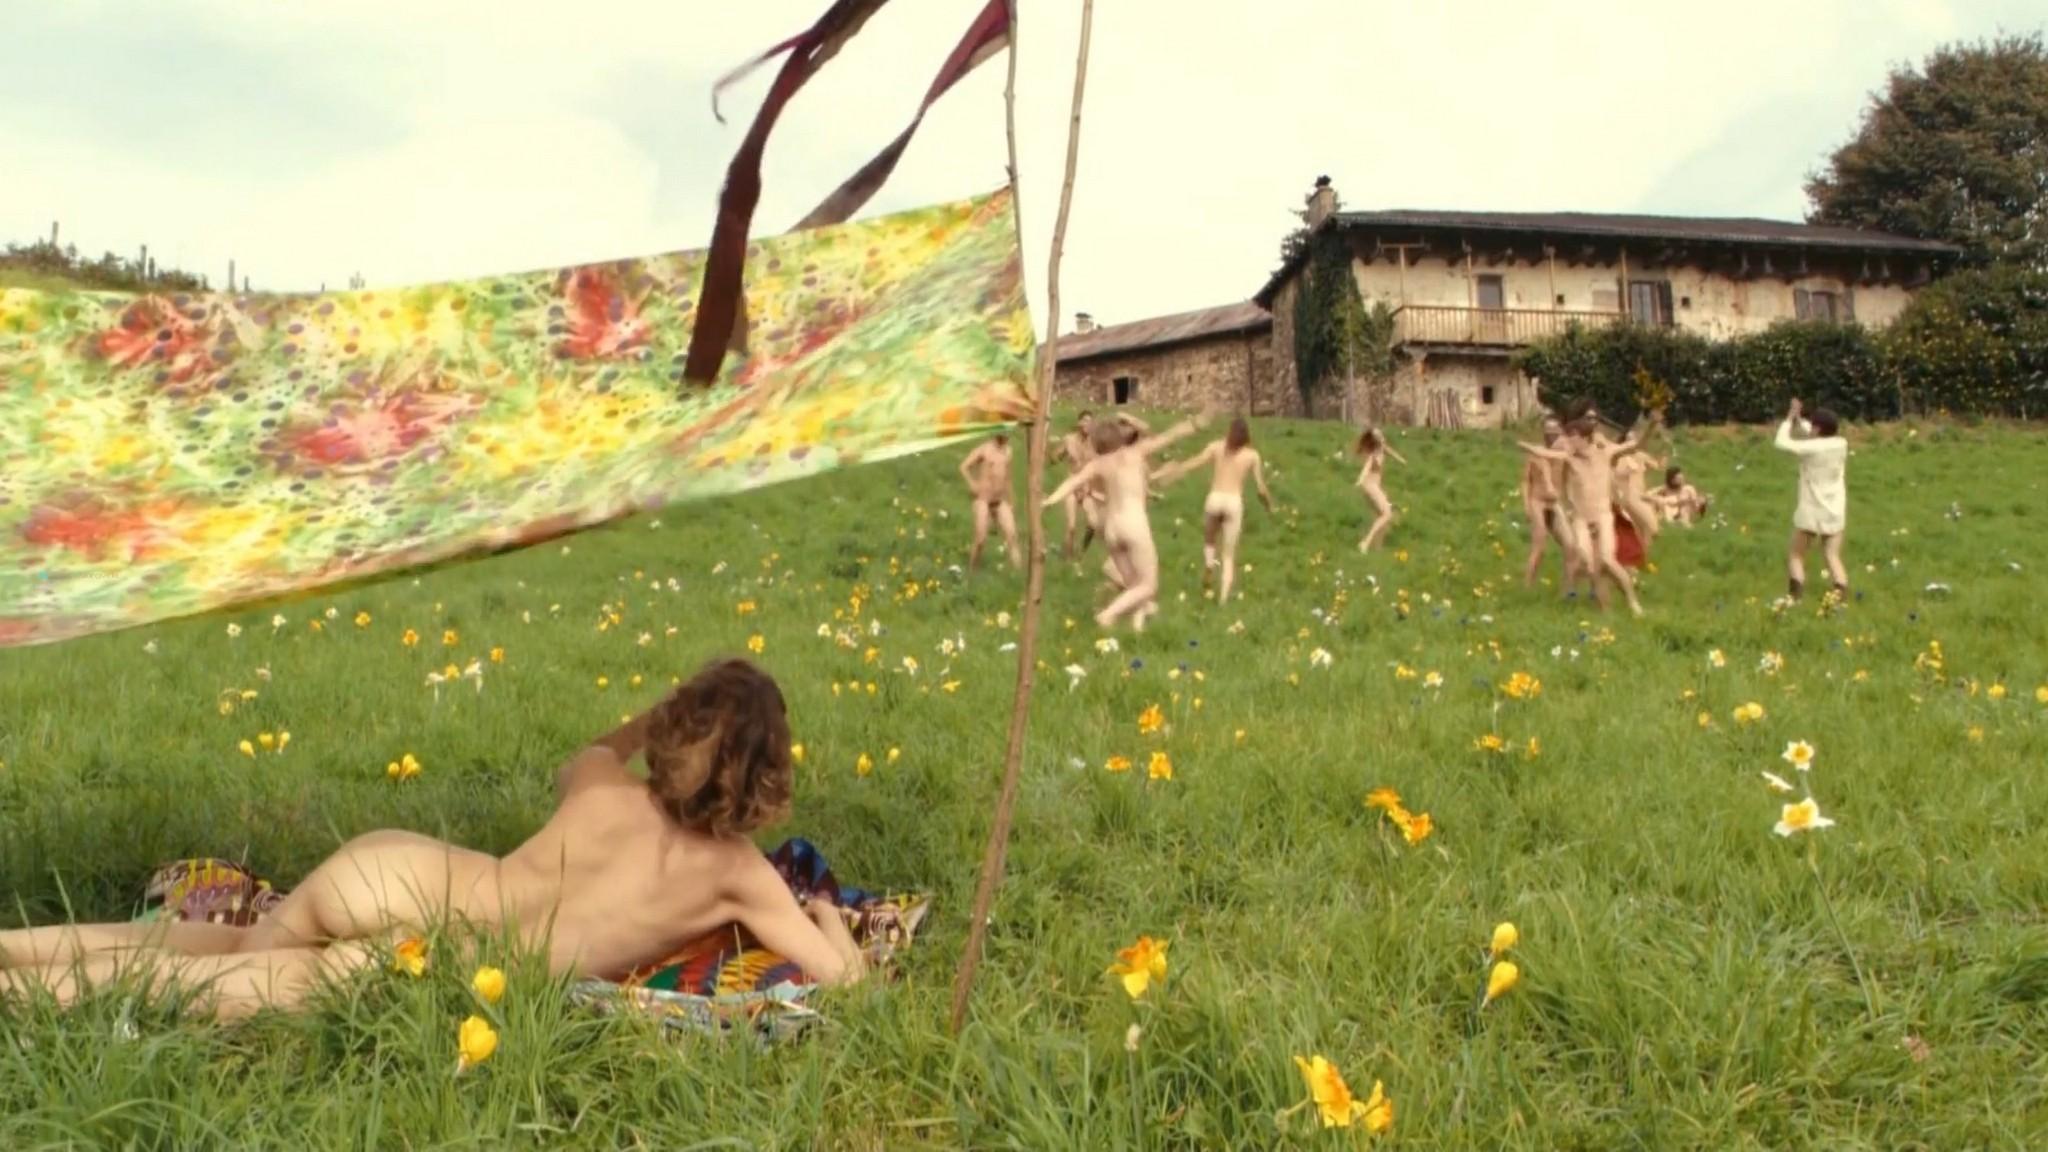 Laetitia Casta nude butt naked topless and hot sex - Nés en 68 (2008) HD 1080p (7)